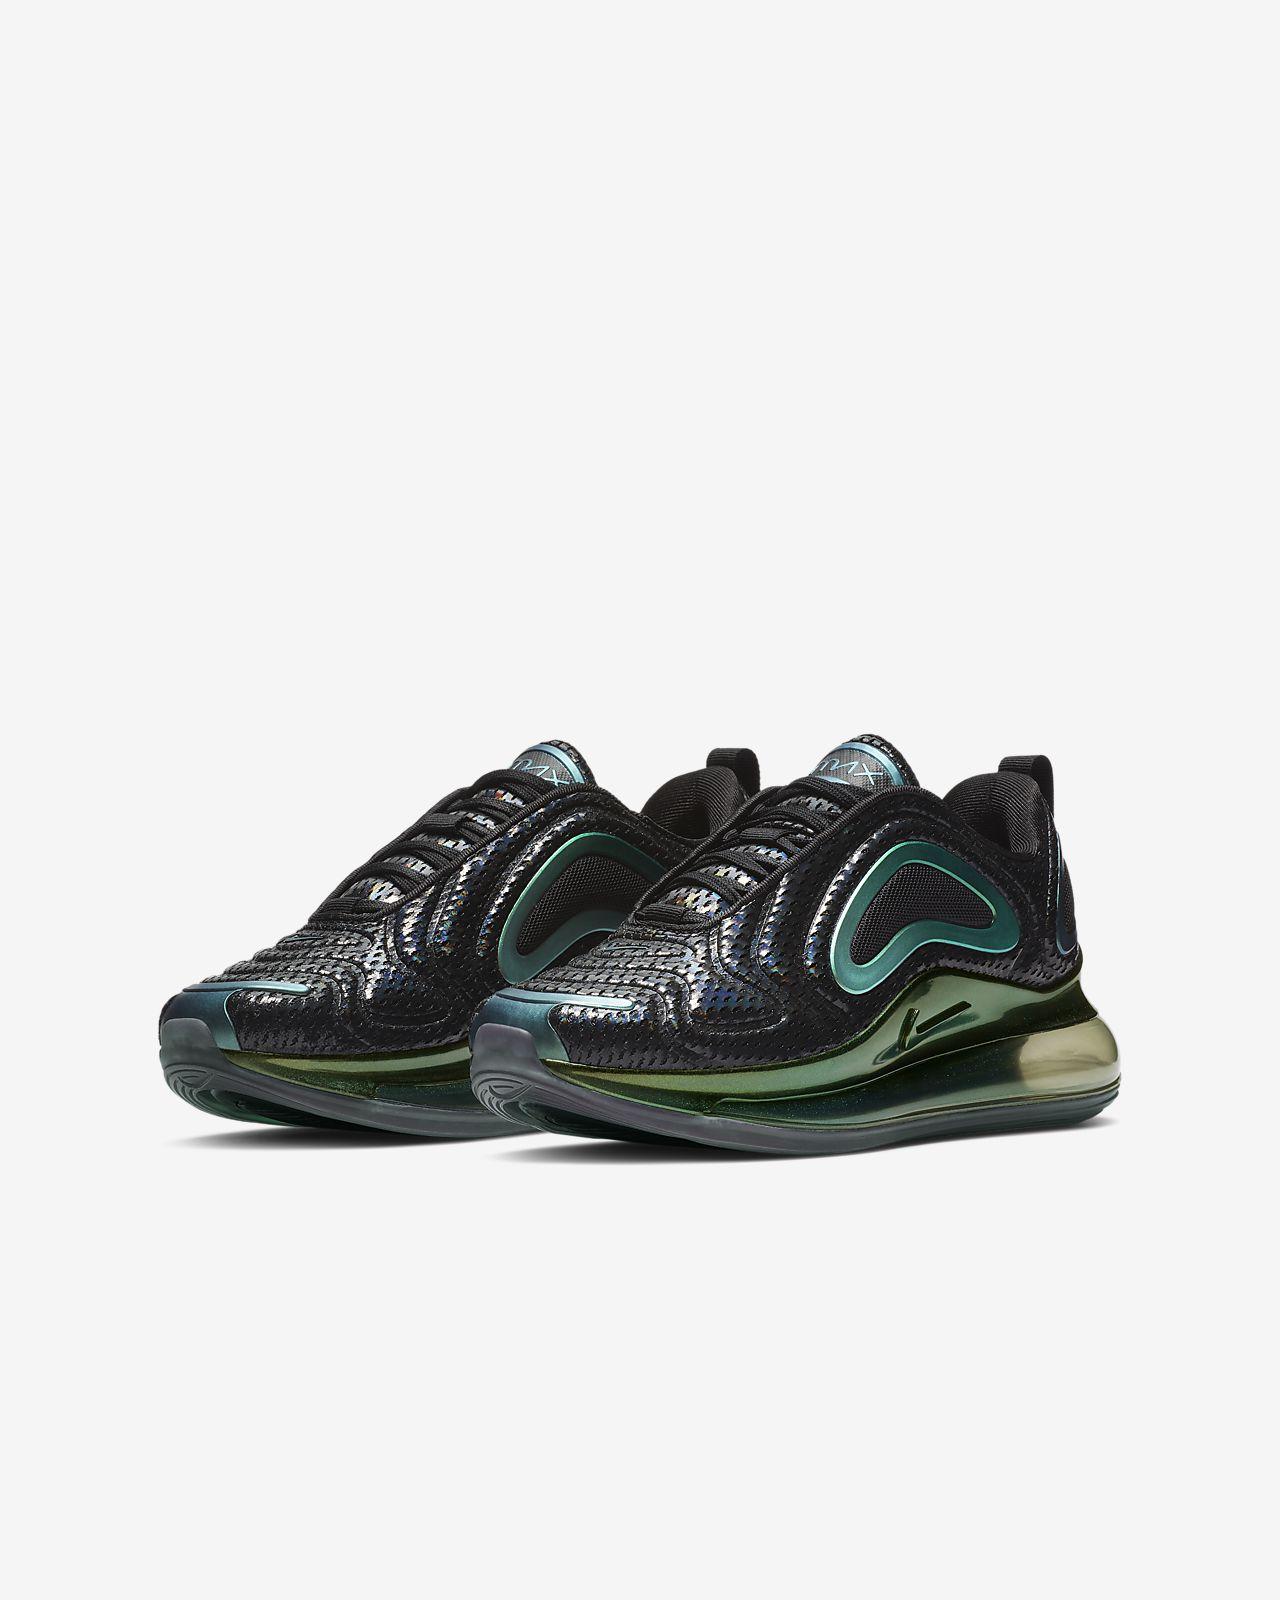 sale retailer c38f1 bff35 ... Sapatilhas Nike Air Max 720 para criança Júnior